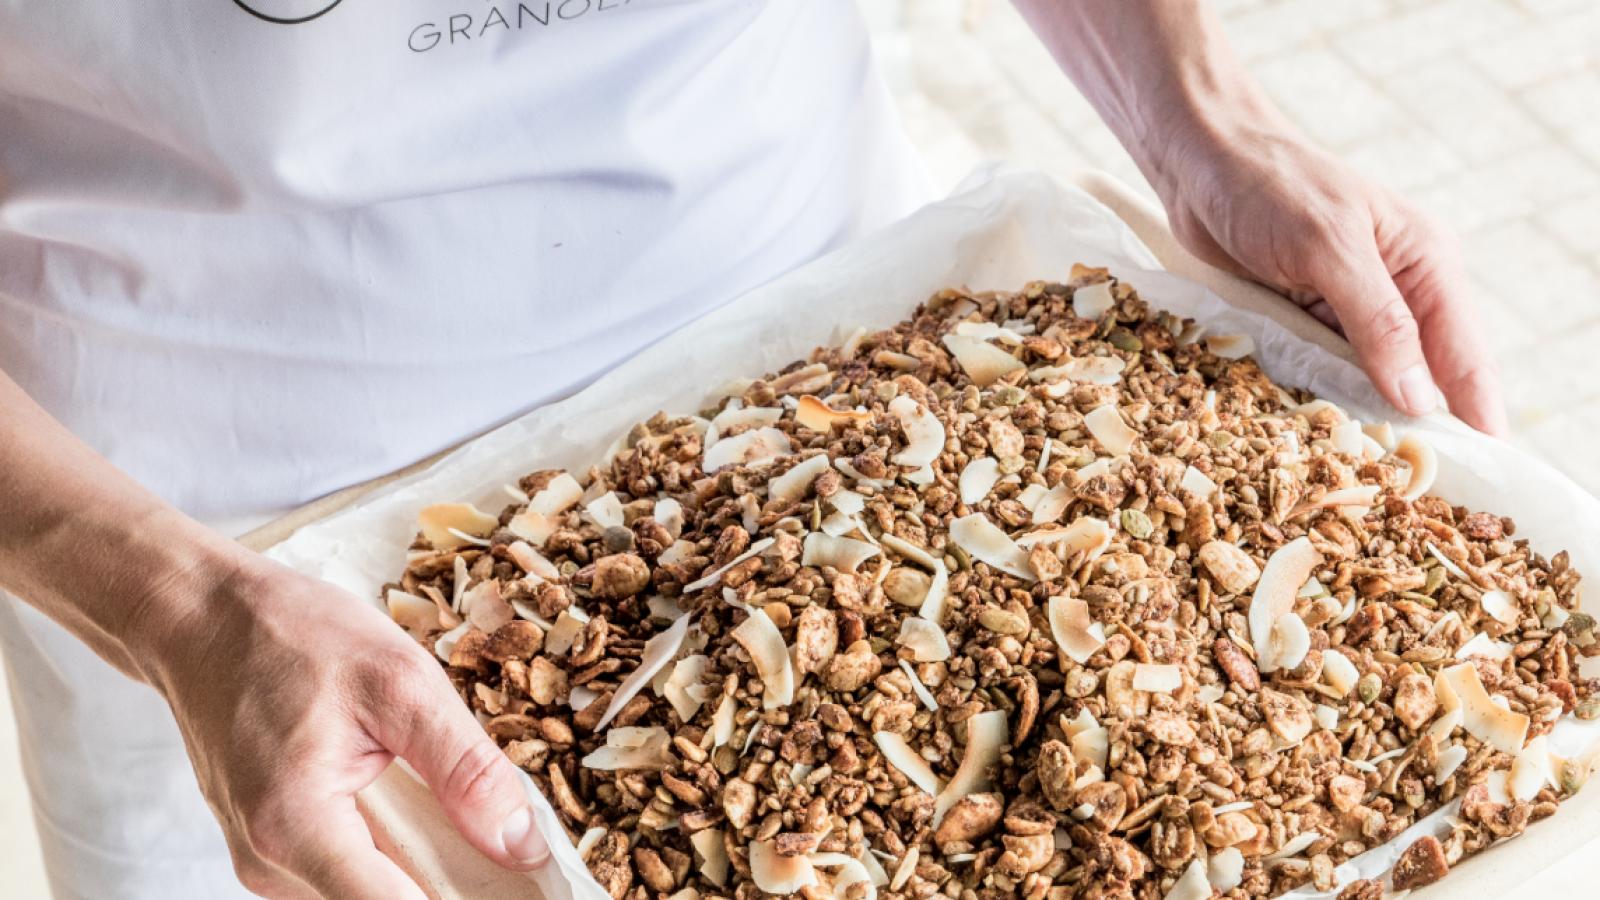 Oot granolaontbijt